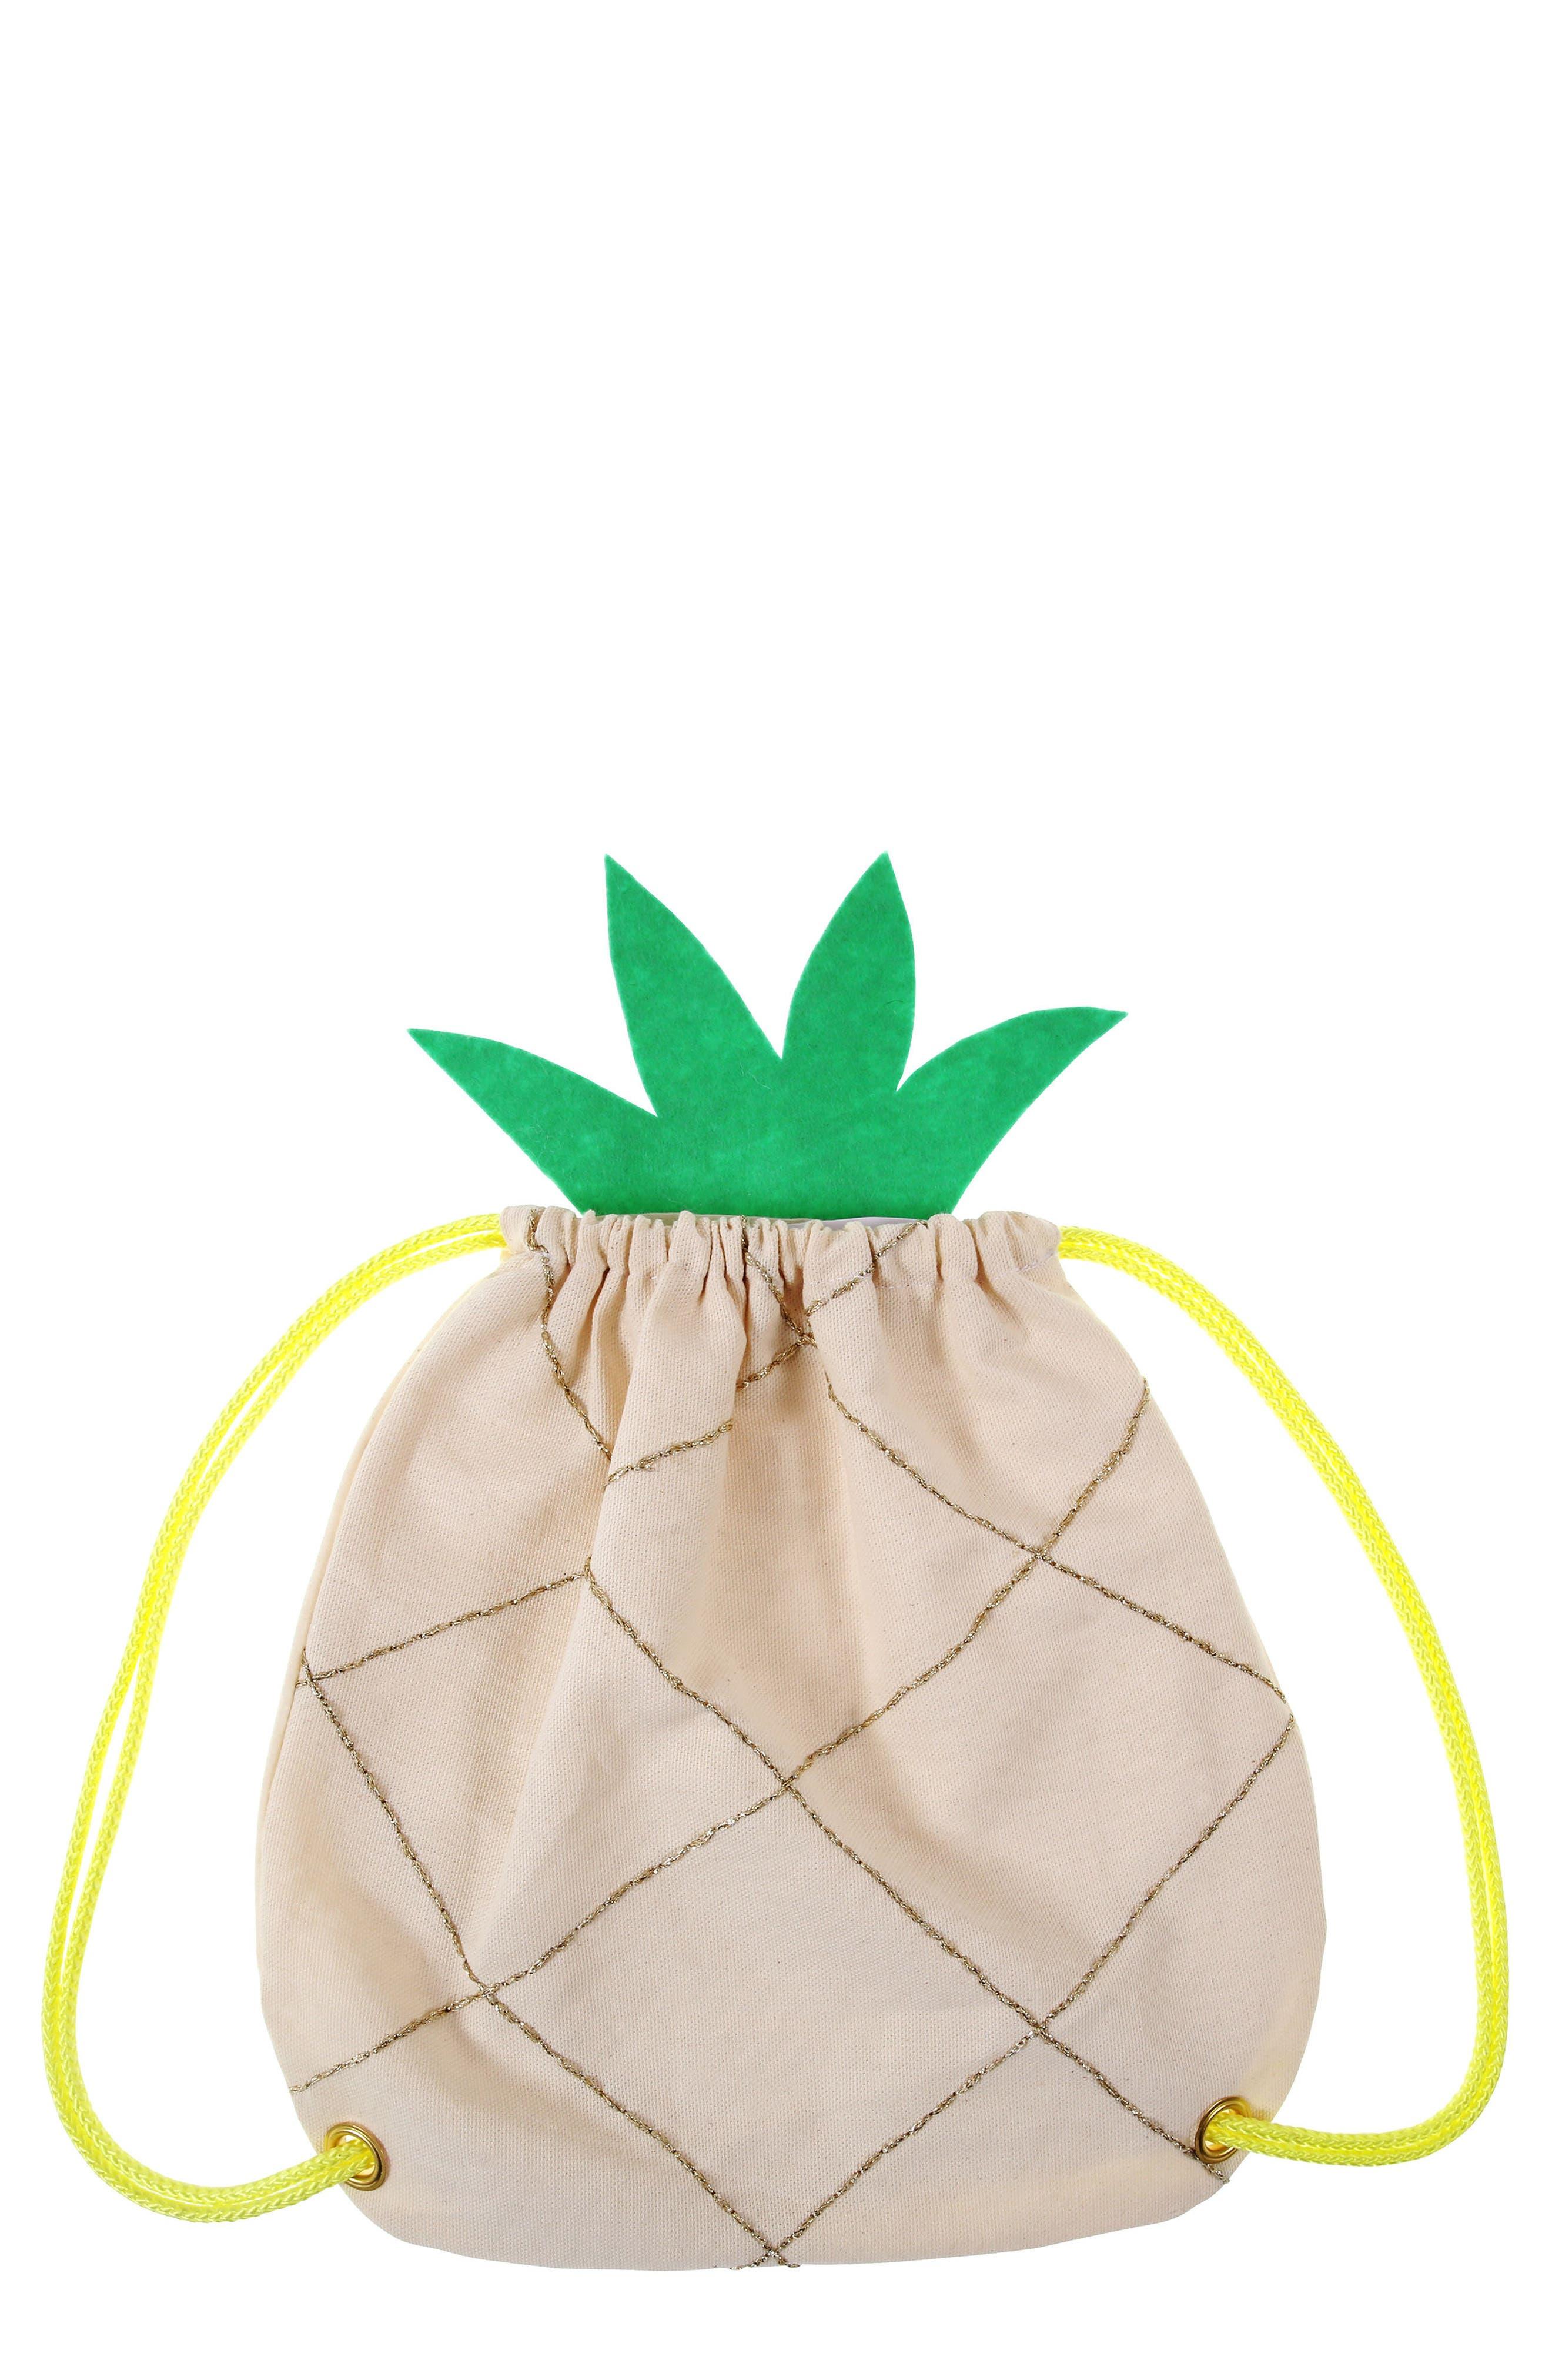 Backback Drawstring Bag,                             Main thumbnail 1, color,                             Tan